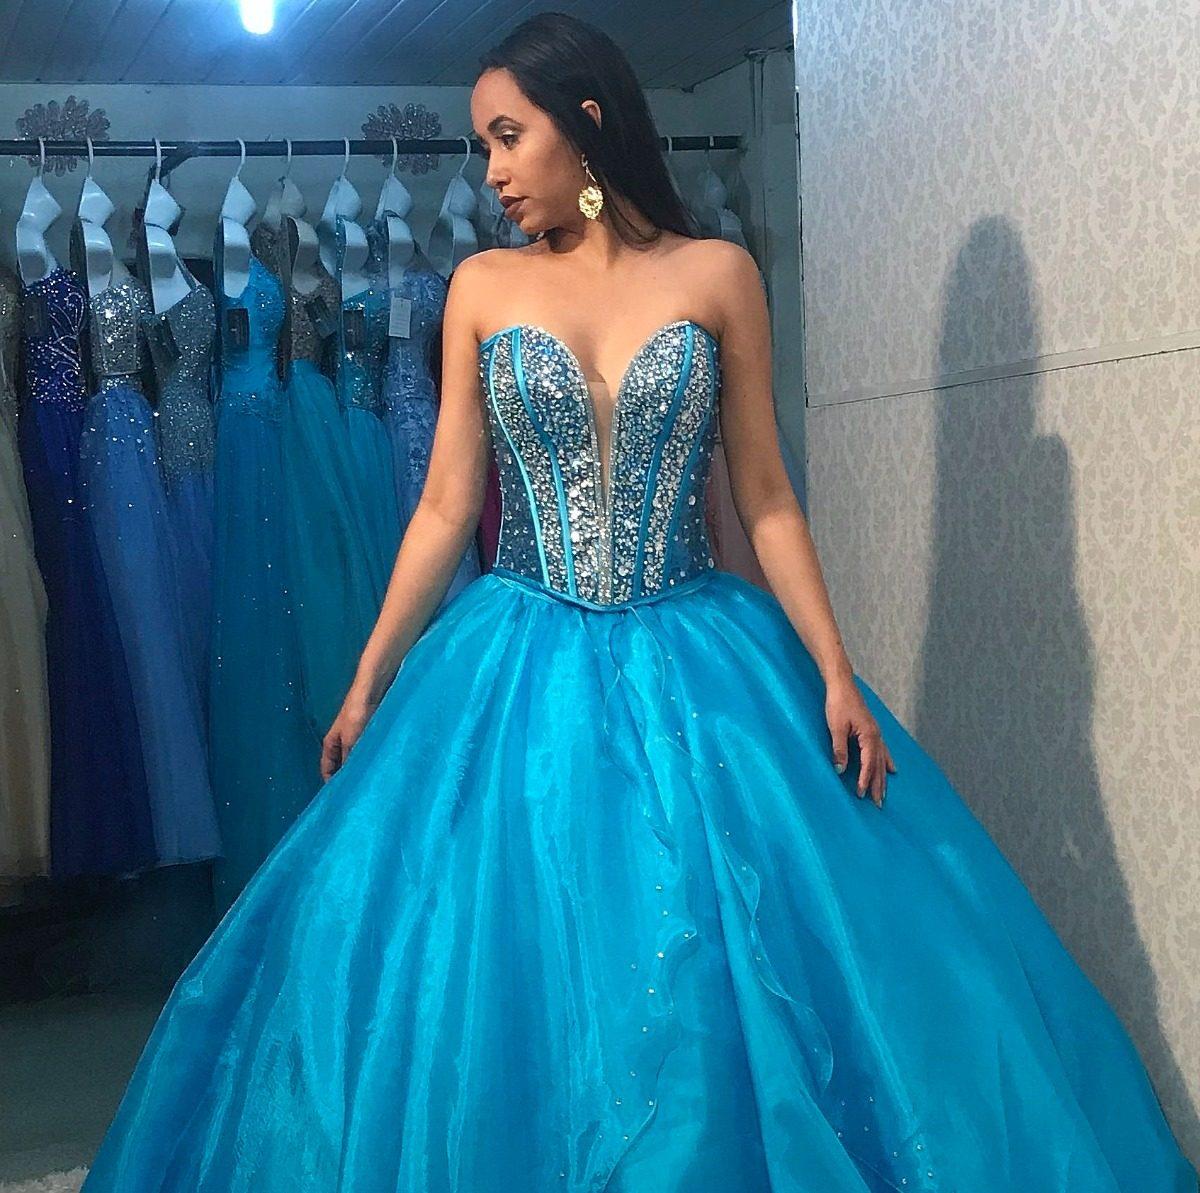 Vestido De Debutante Azul Turquesa 2 Em 1 Festa De 15 Anos